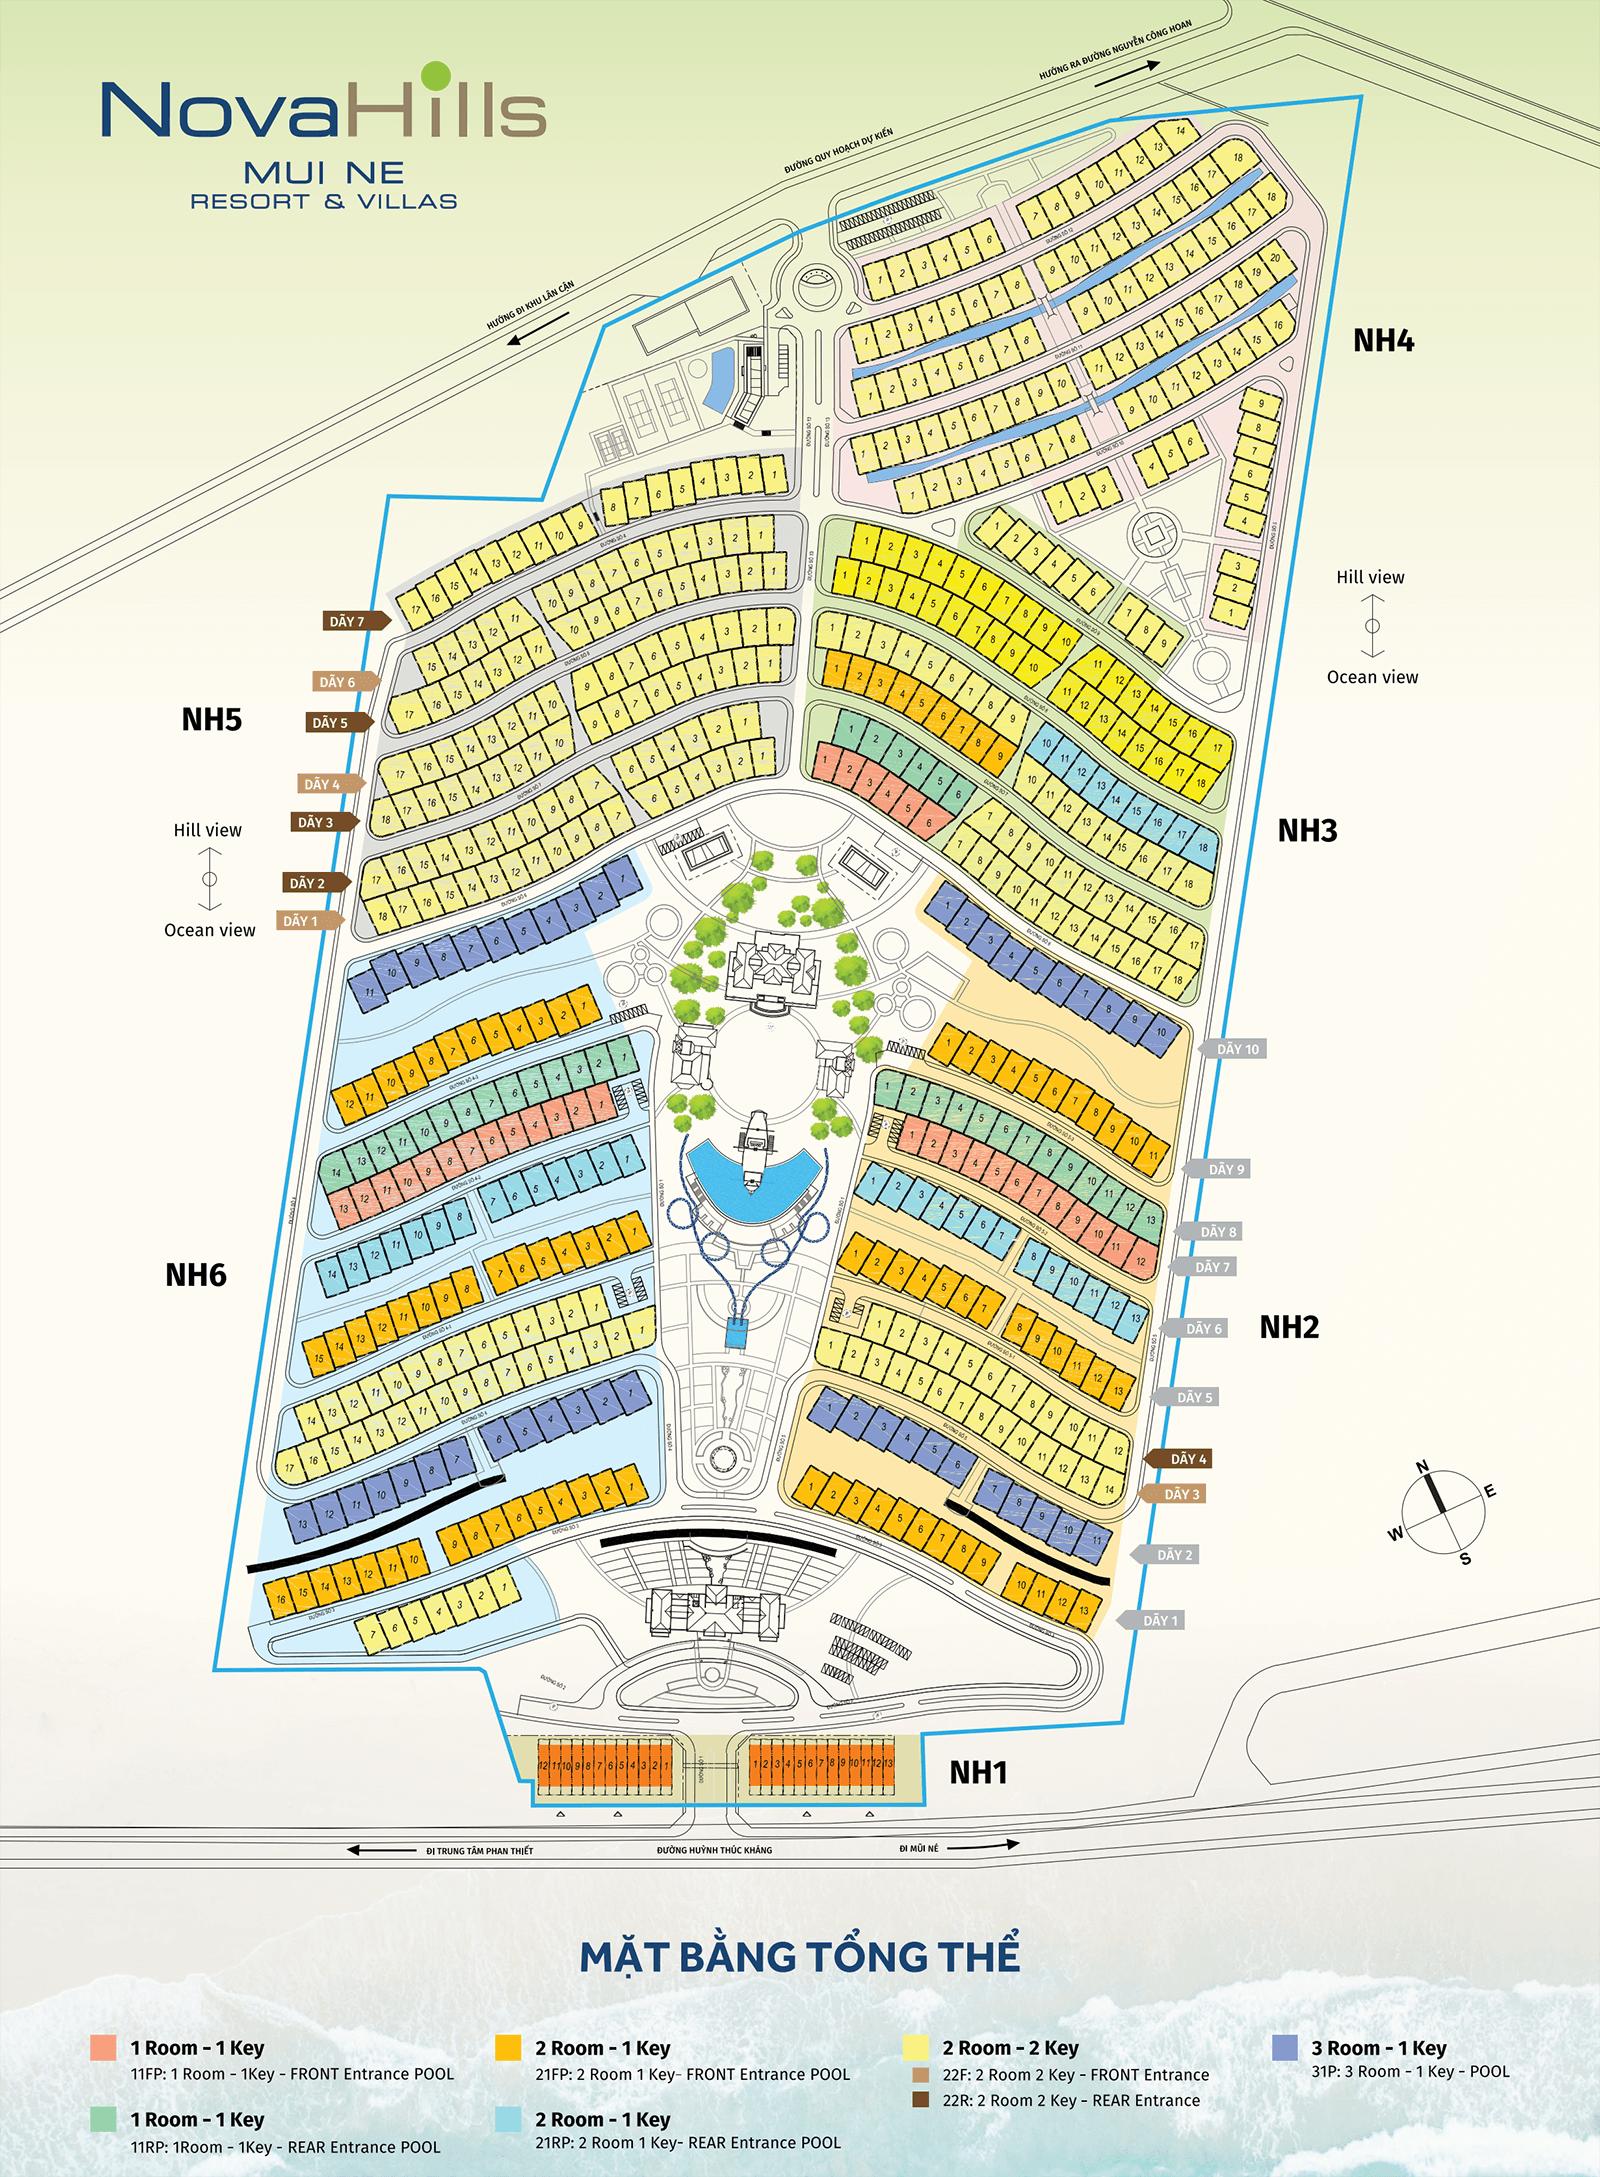 Mặt bằng chi tiết dự án Novahill Mũi Né